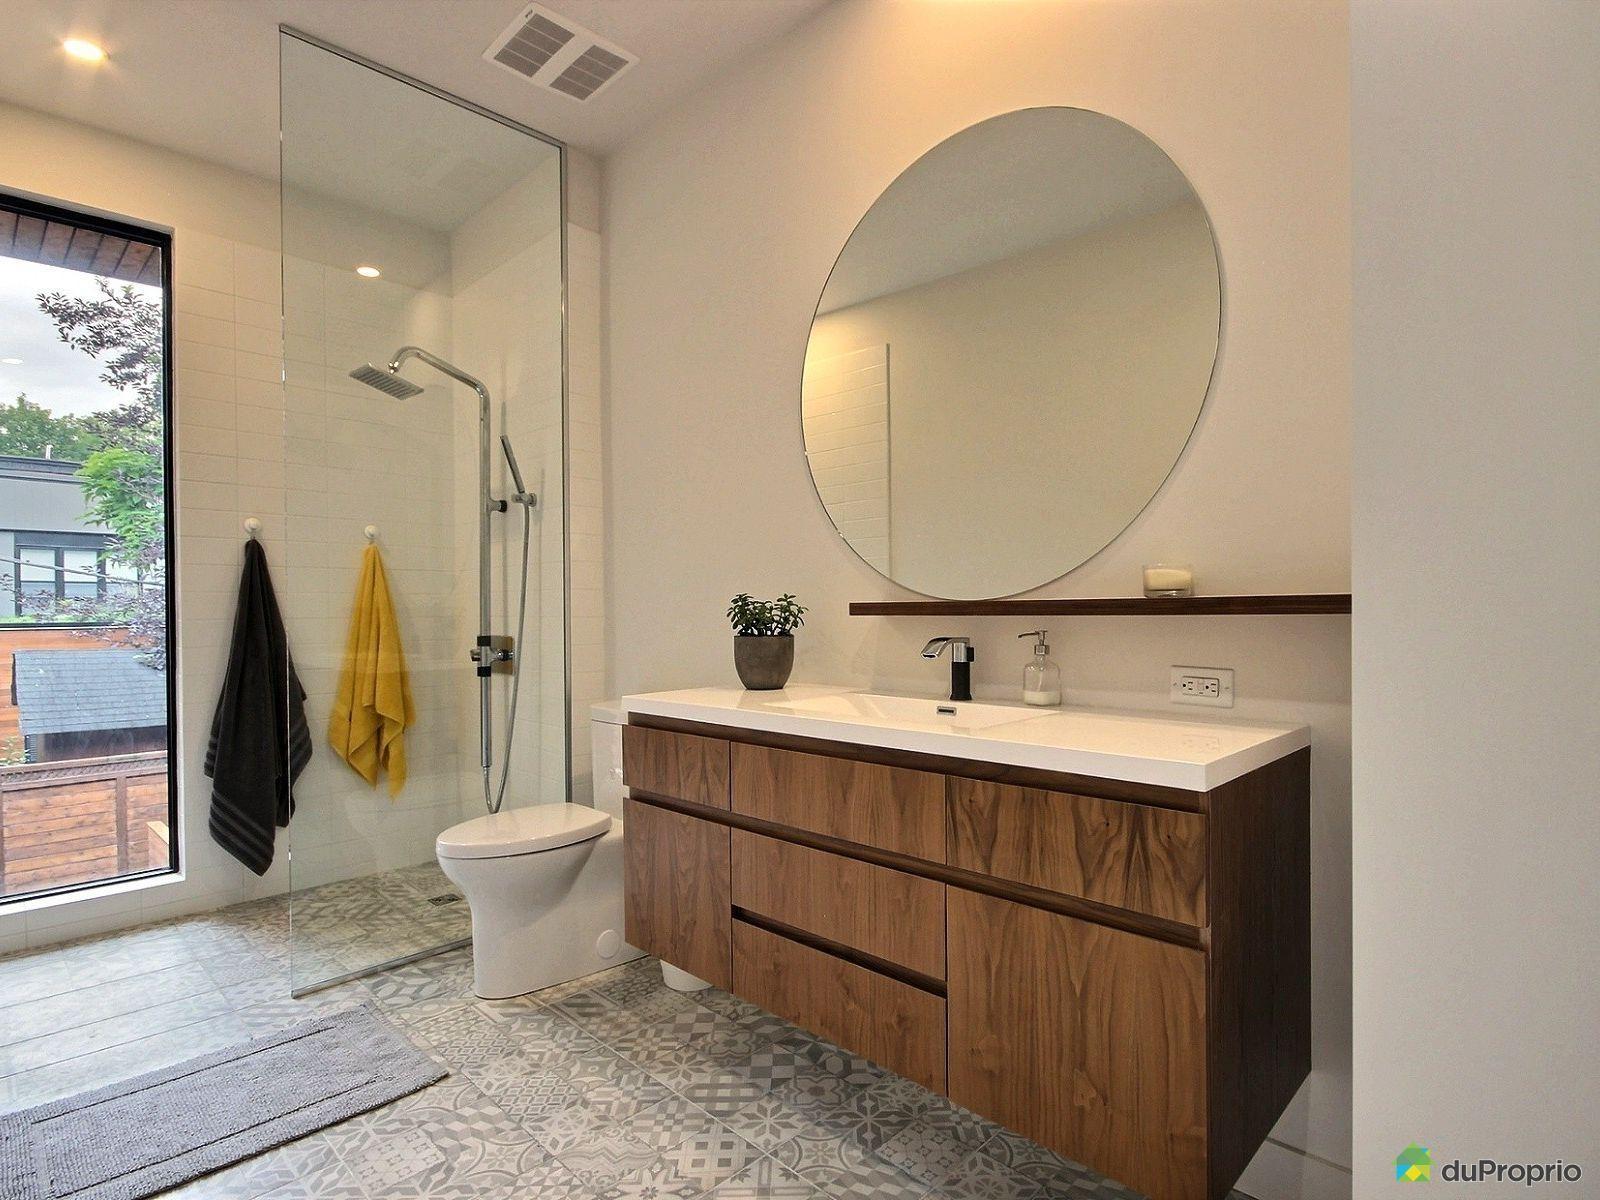 quelle belle salle de bain on adore le plancher en cramique motif cette - Salle De Bain Sur Plancher